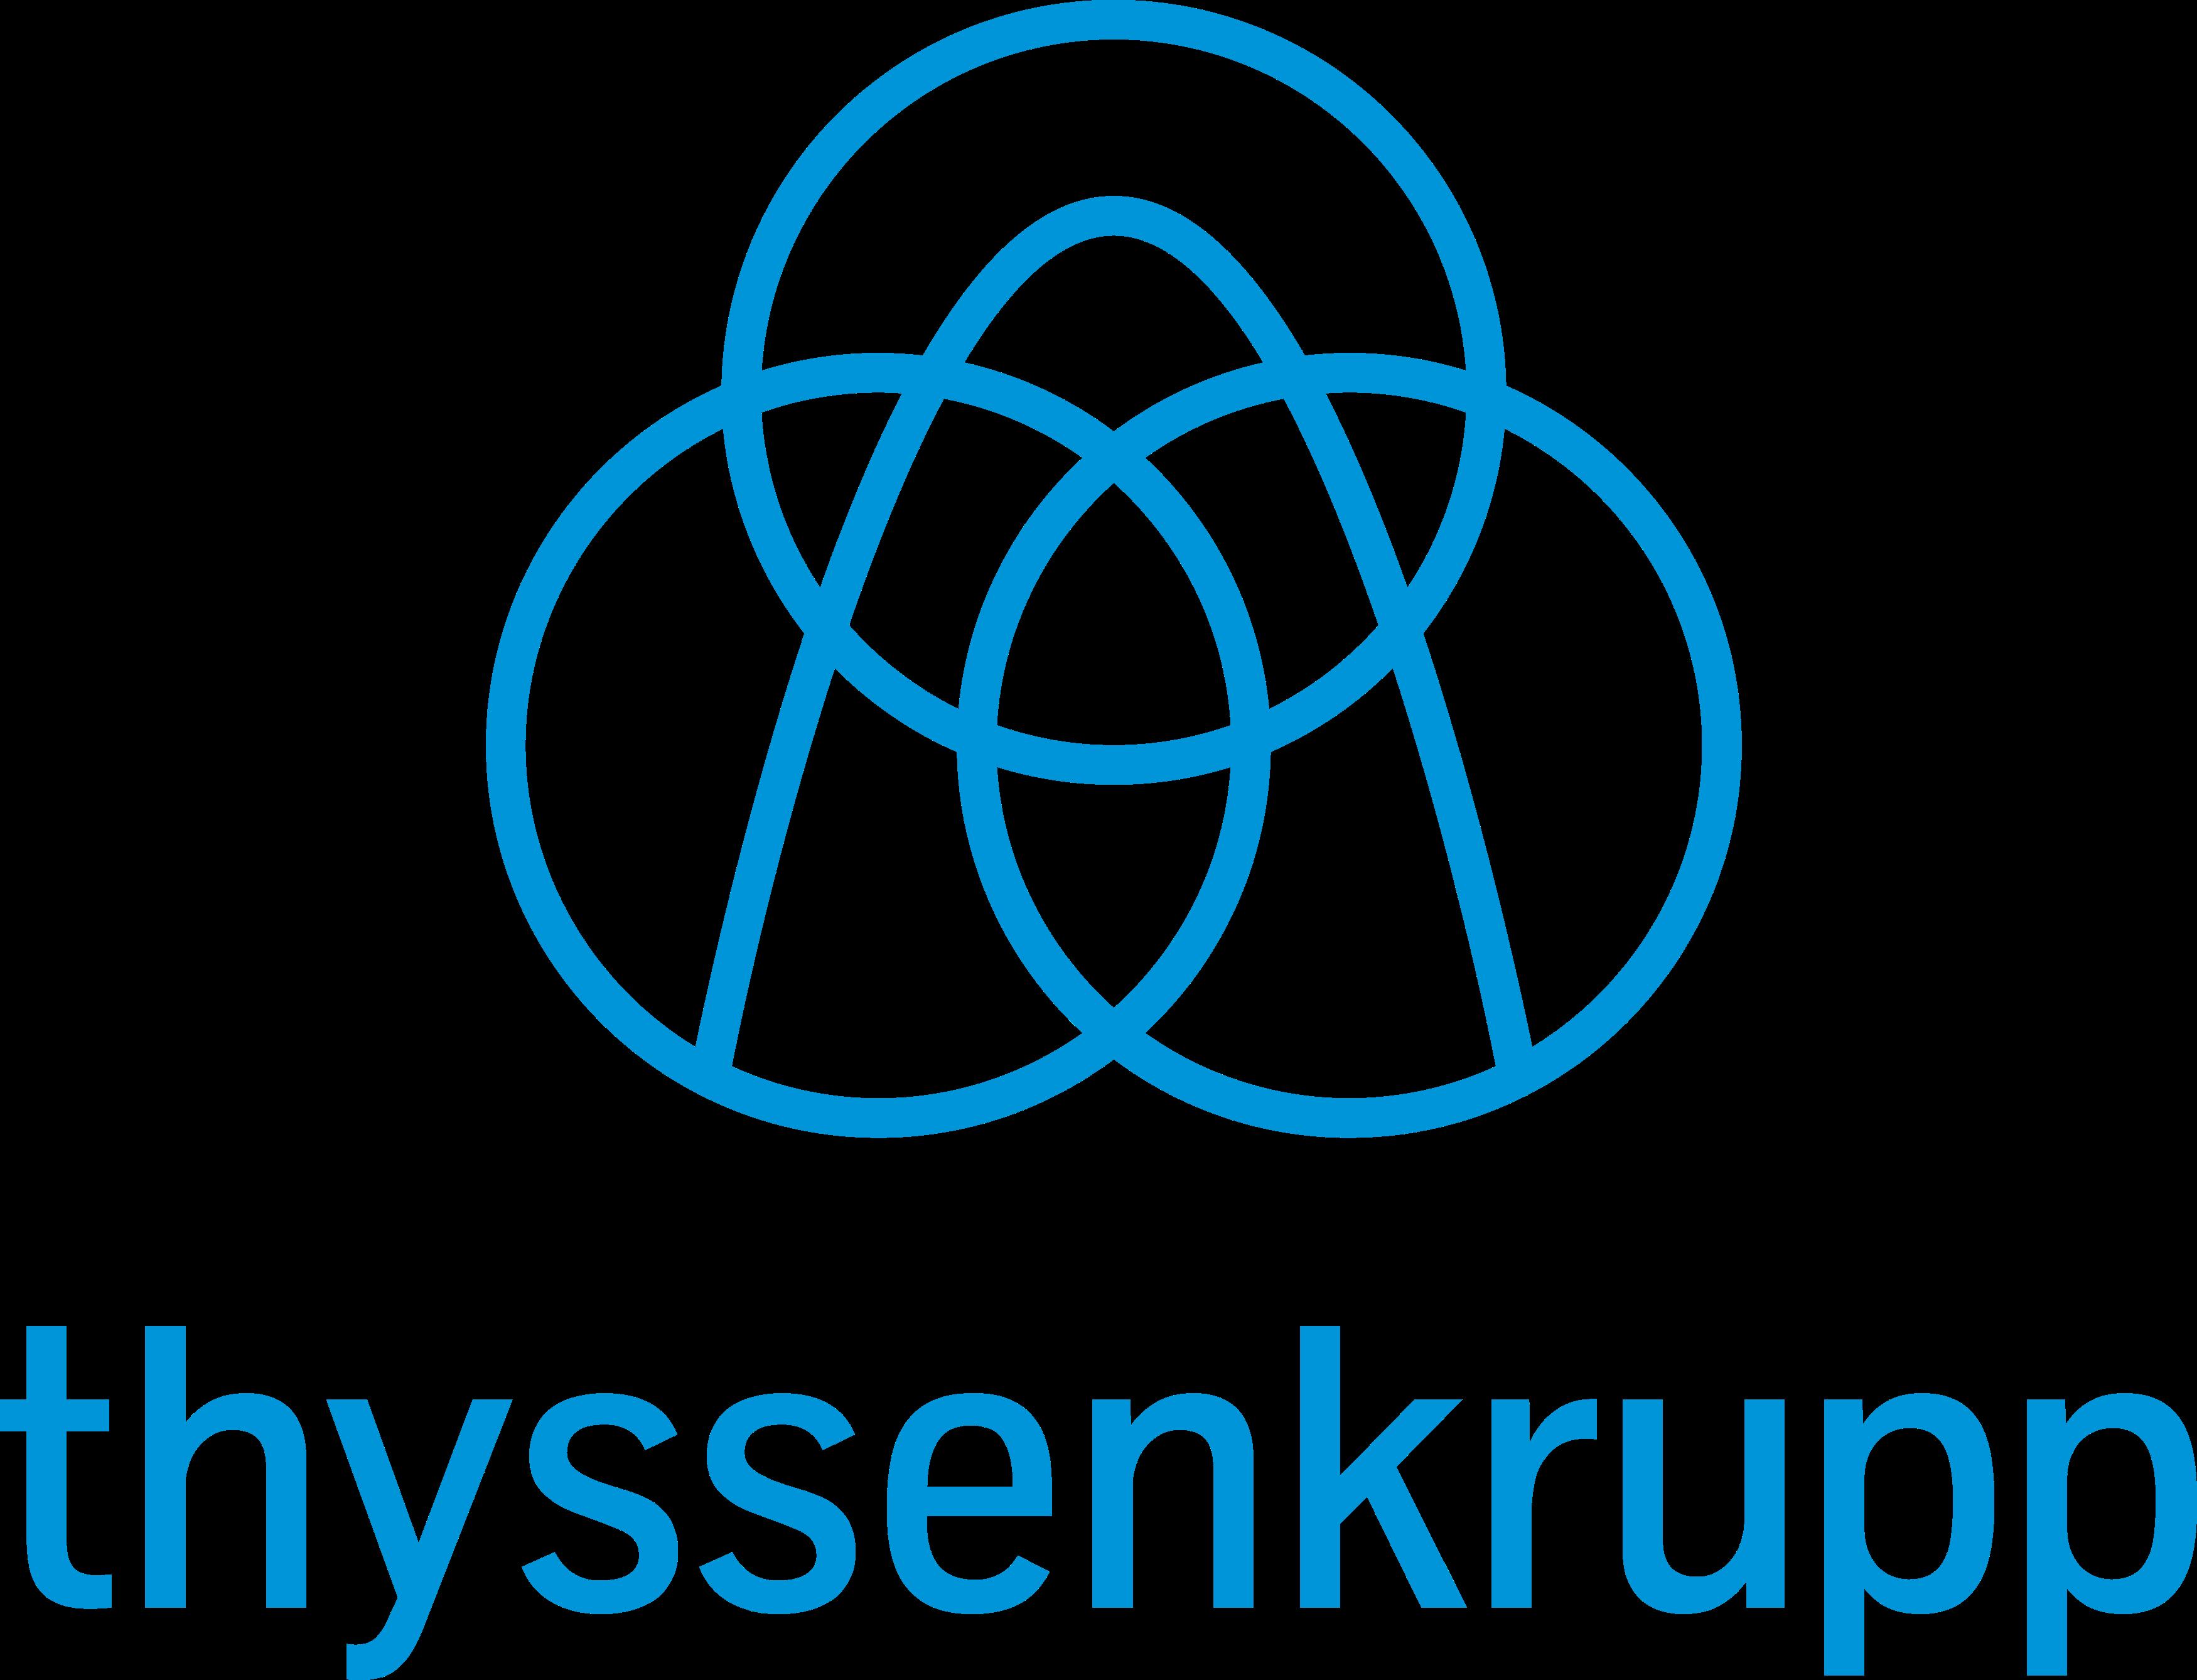 thyssenkrupp logo.